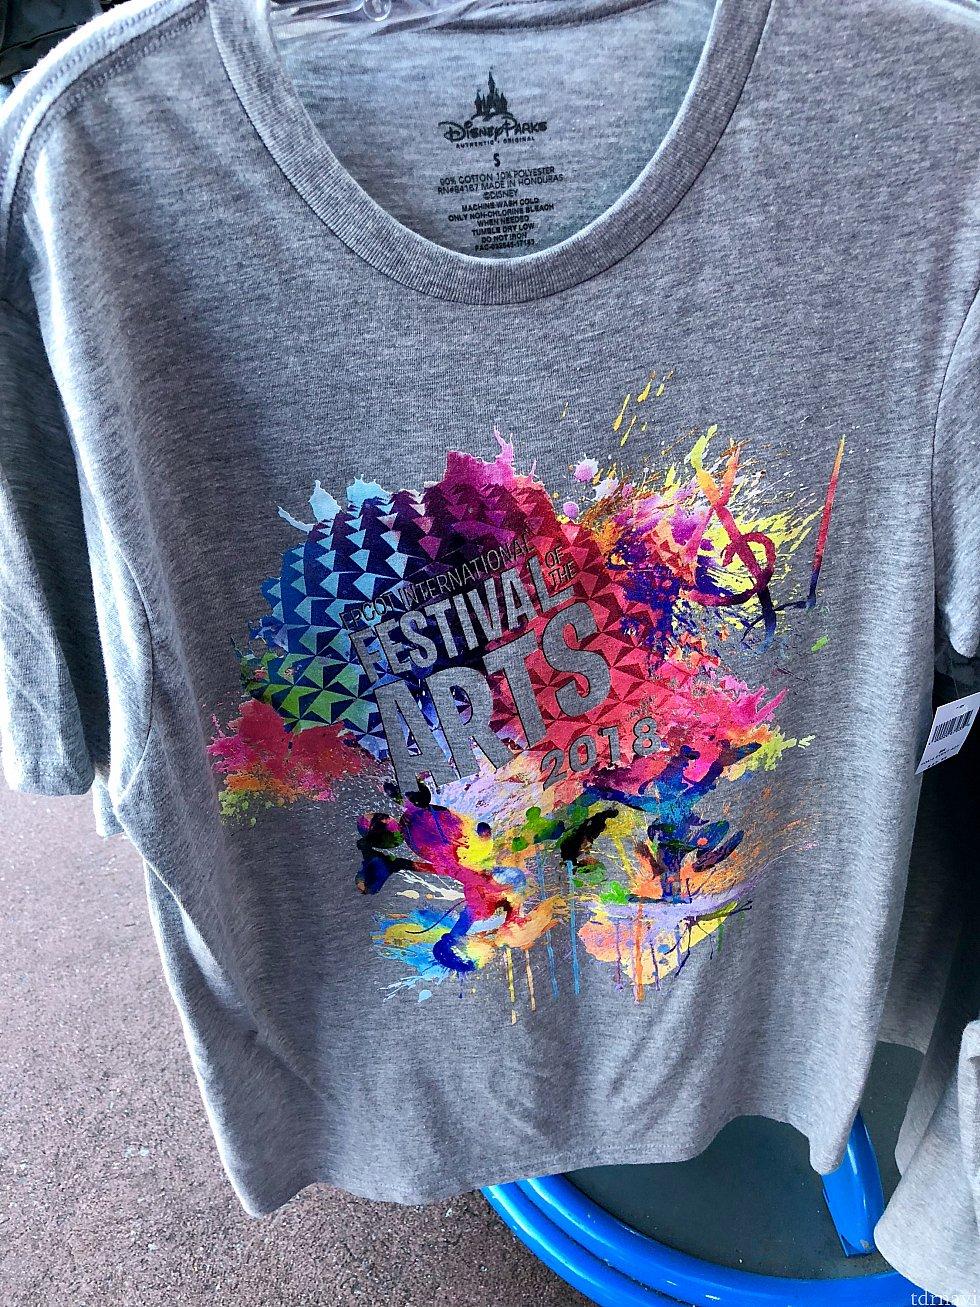 先ずはアパレル系から。こちらのアートフェスティバルならではの、カラフルなロゴがプリントされたTシャツ。$27.99